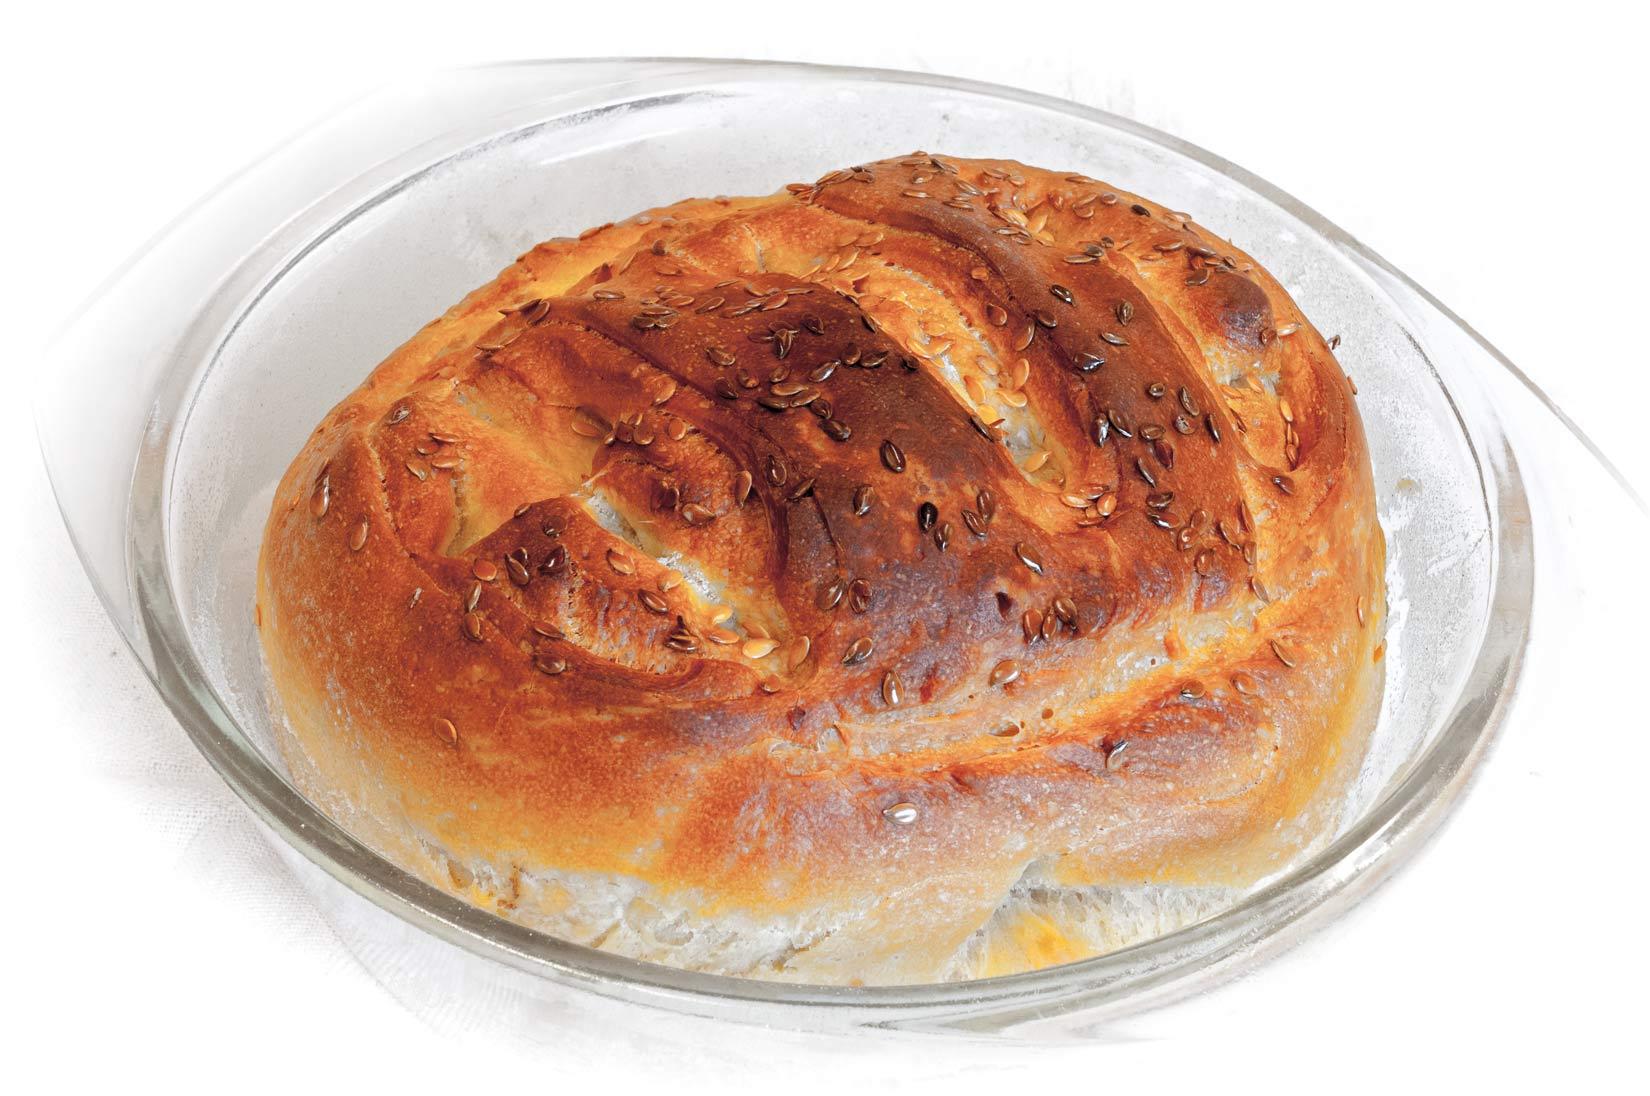 Správně upečený domácí chléb má hnědou křupavou kůrčičku